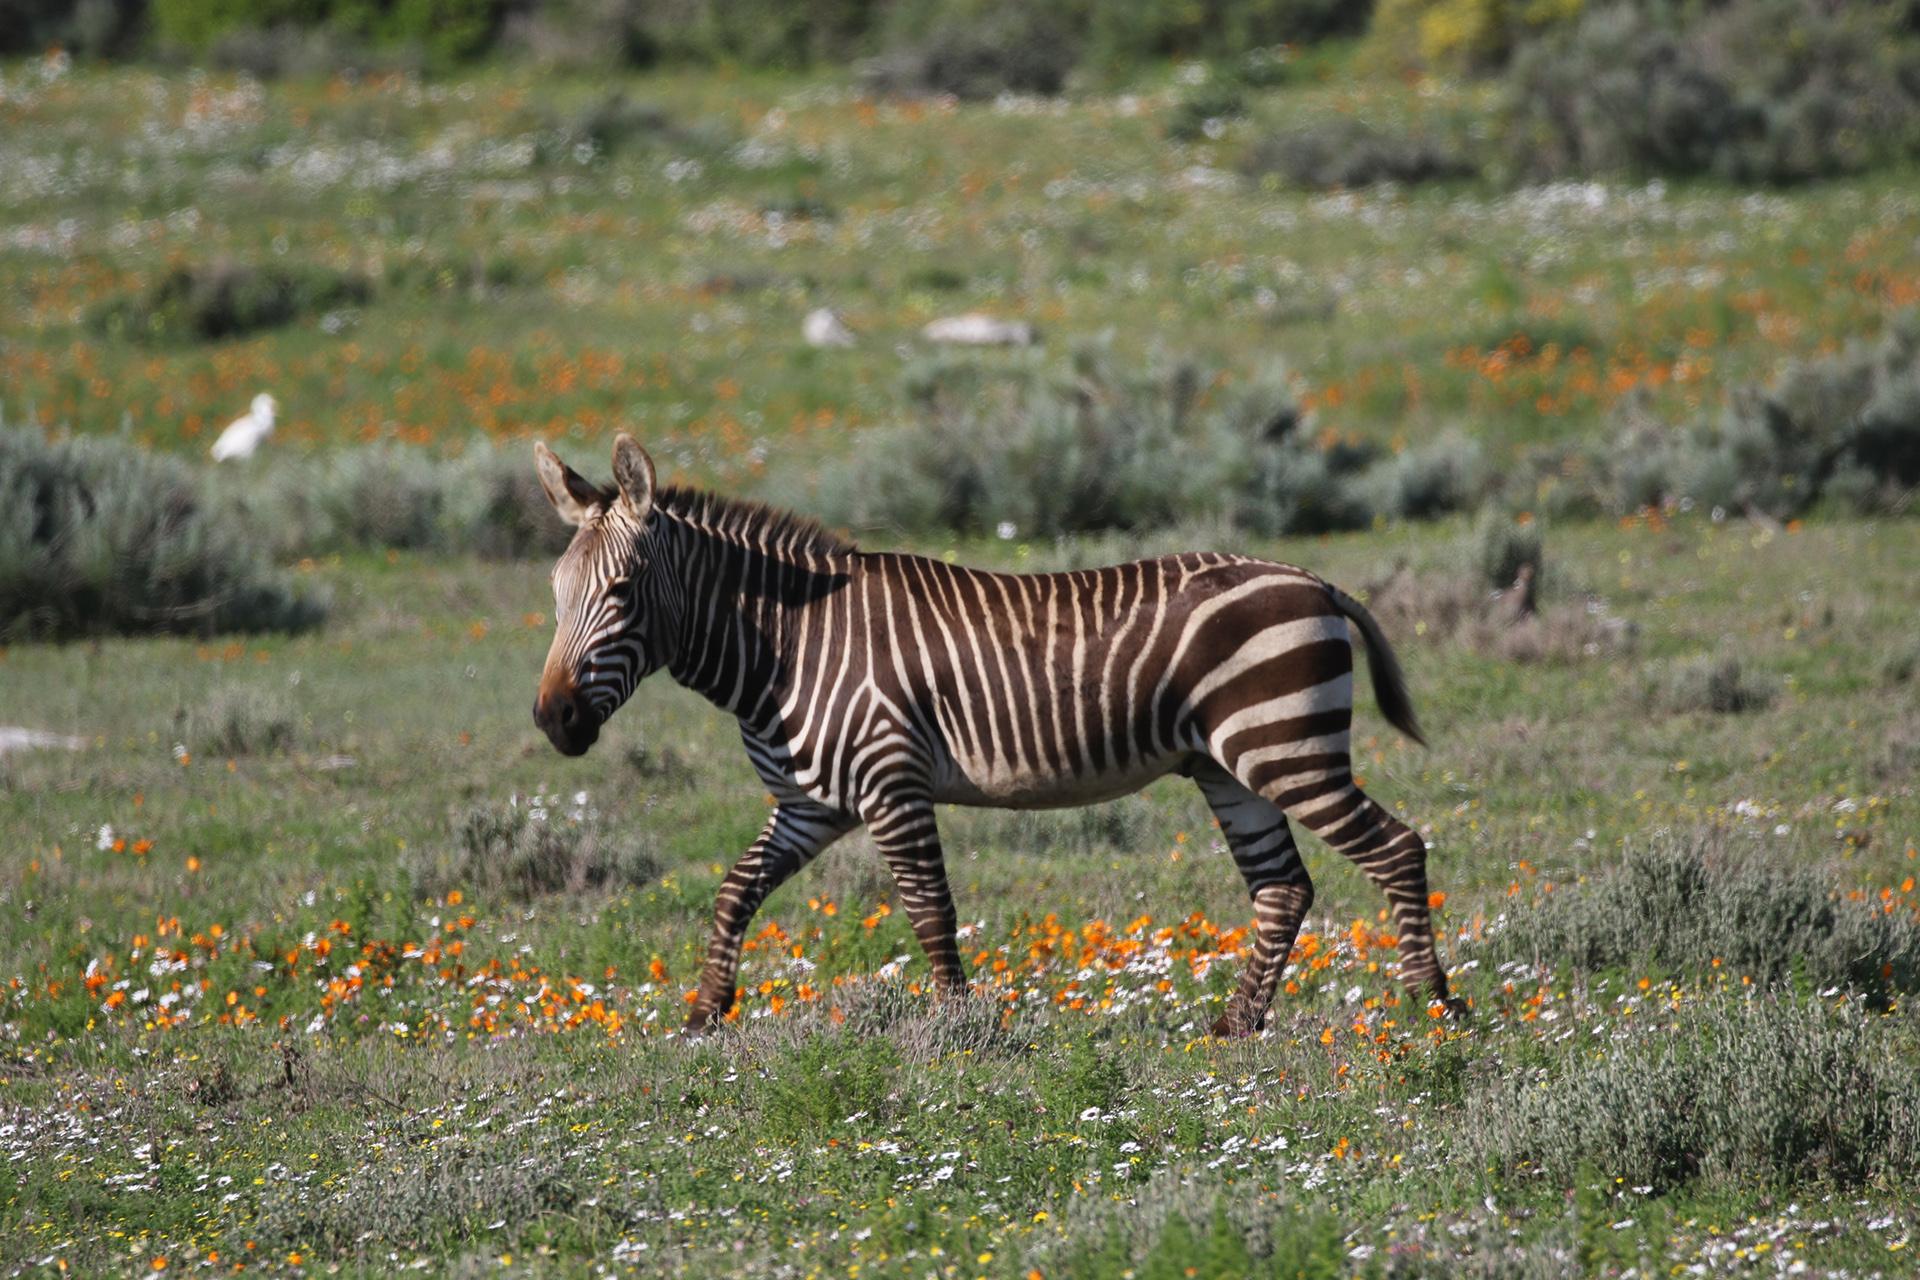 risalente Sud Africa Western Cape